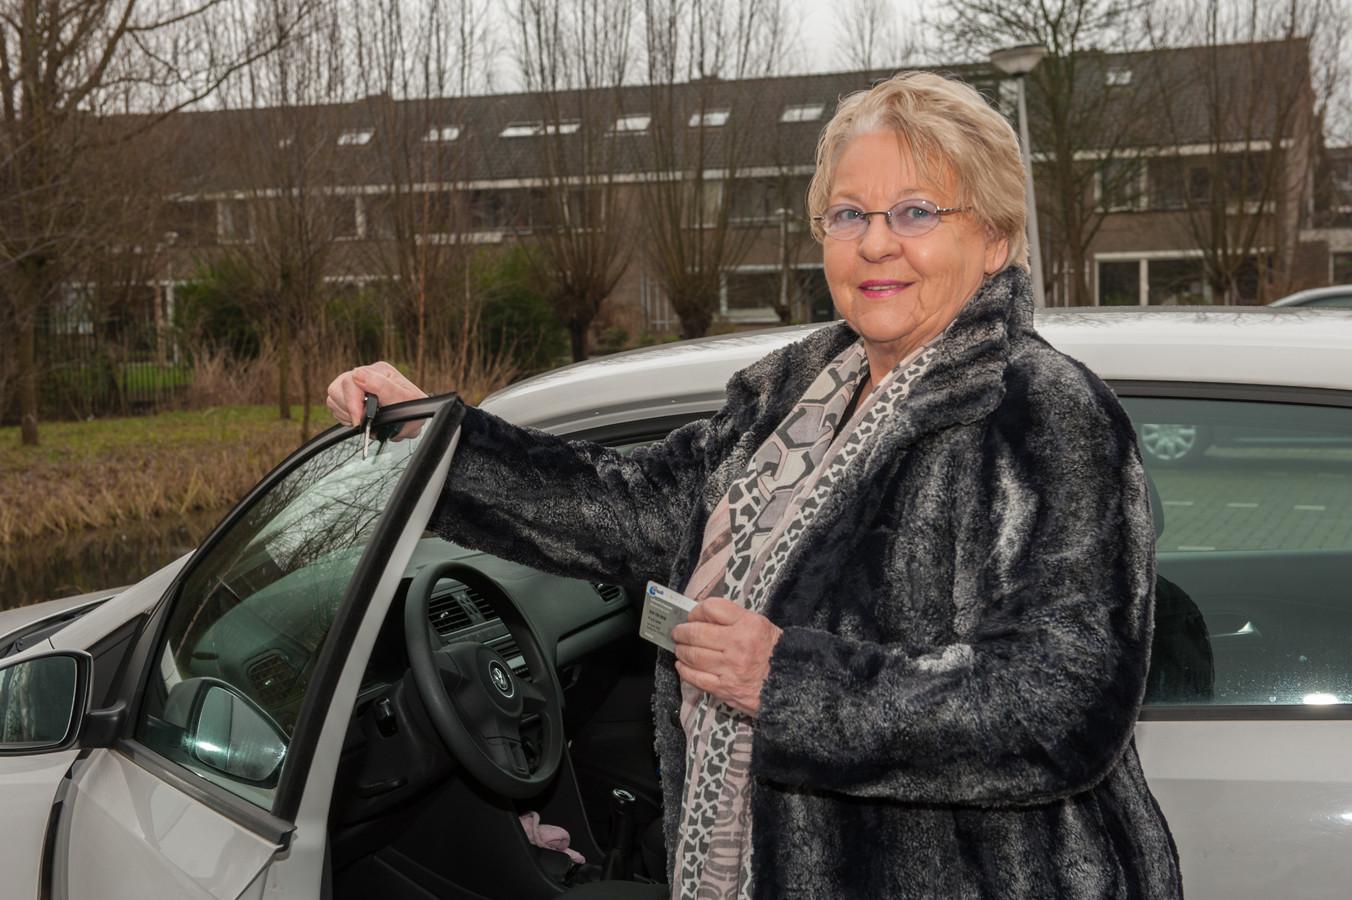 Mevrouw Wil van der Laan is 78 jaar en al 51 jaar lid van de ANWB, maar toen zij deze week langs de drukke A20 met een lekke band stond, kwam de ANWB haar niet helpen, omdat een lekke band verzekeringswerk zou zijn.